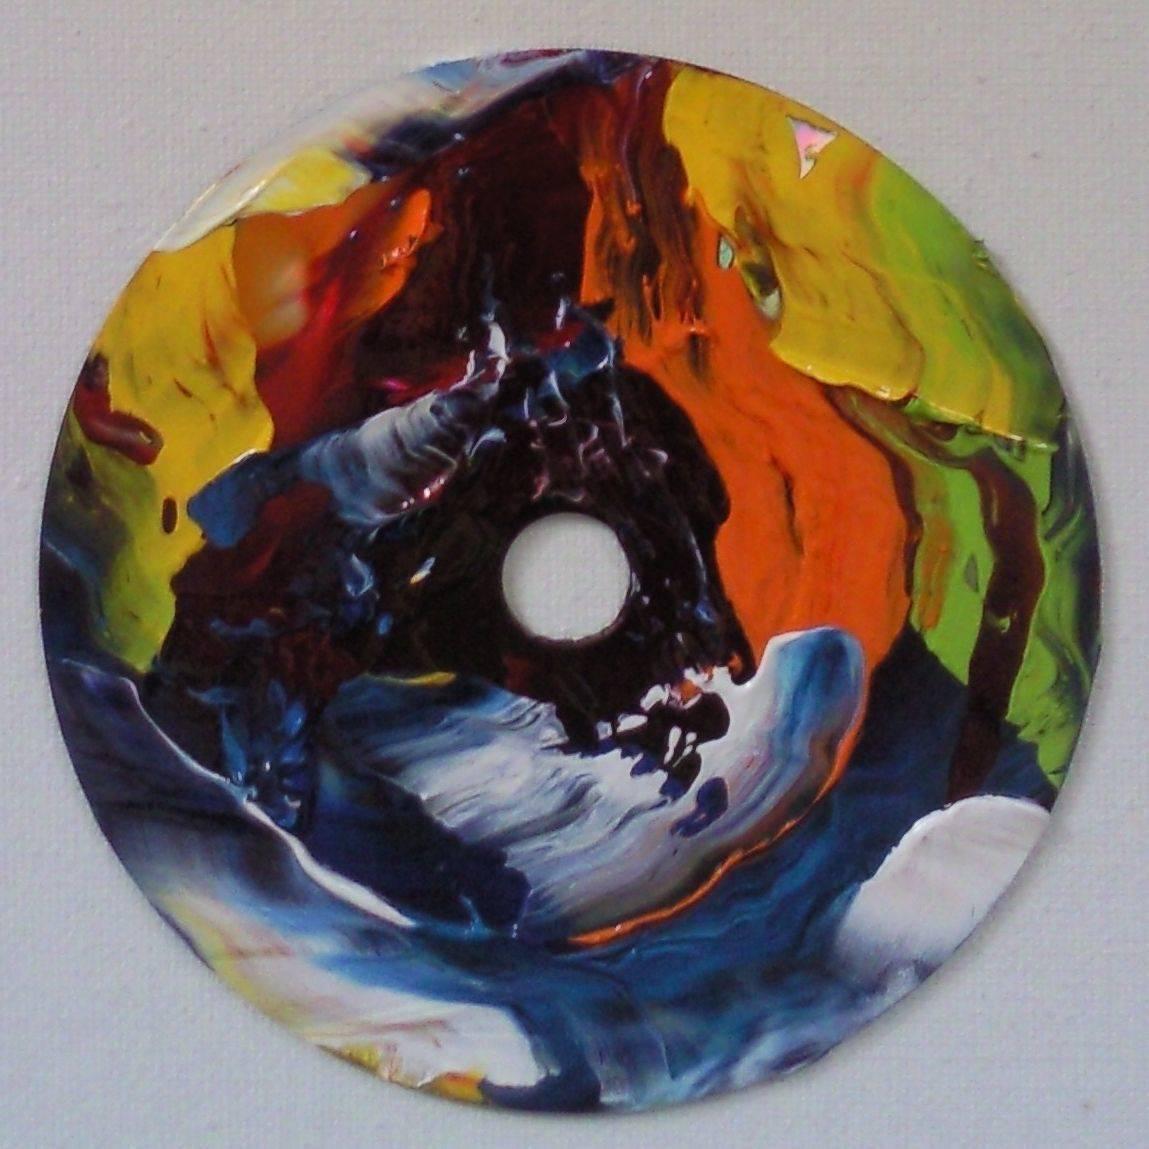 «Музыкальная вариация»     CD диск, масло «Musical variation»                  CD, oil                                                   d 12,  2014